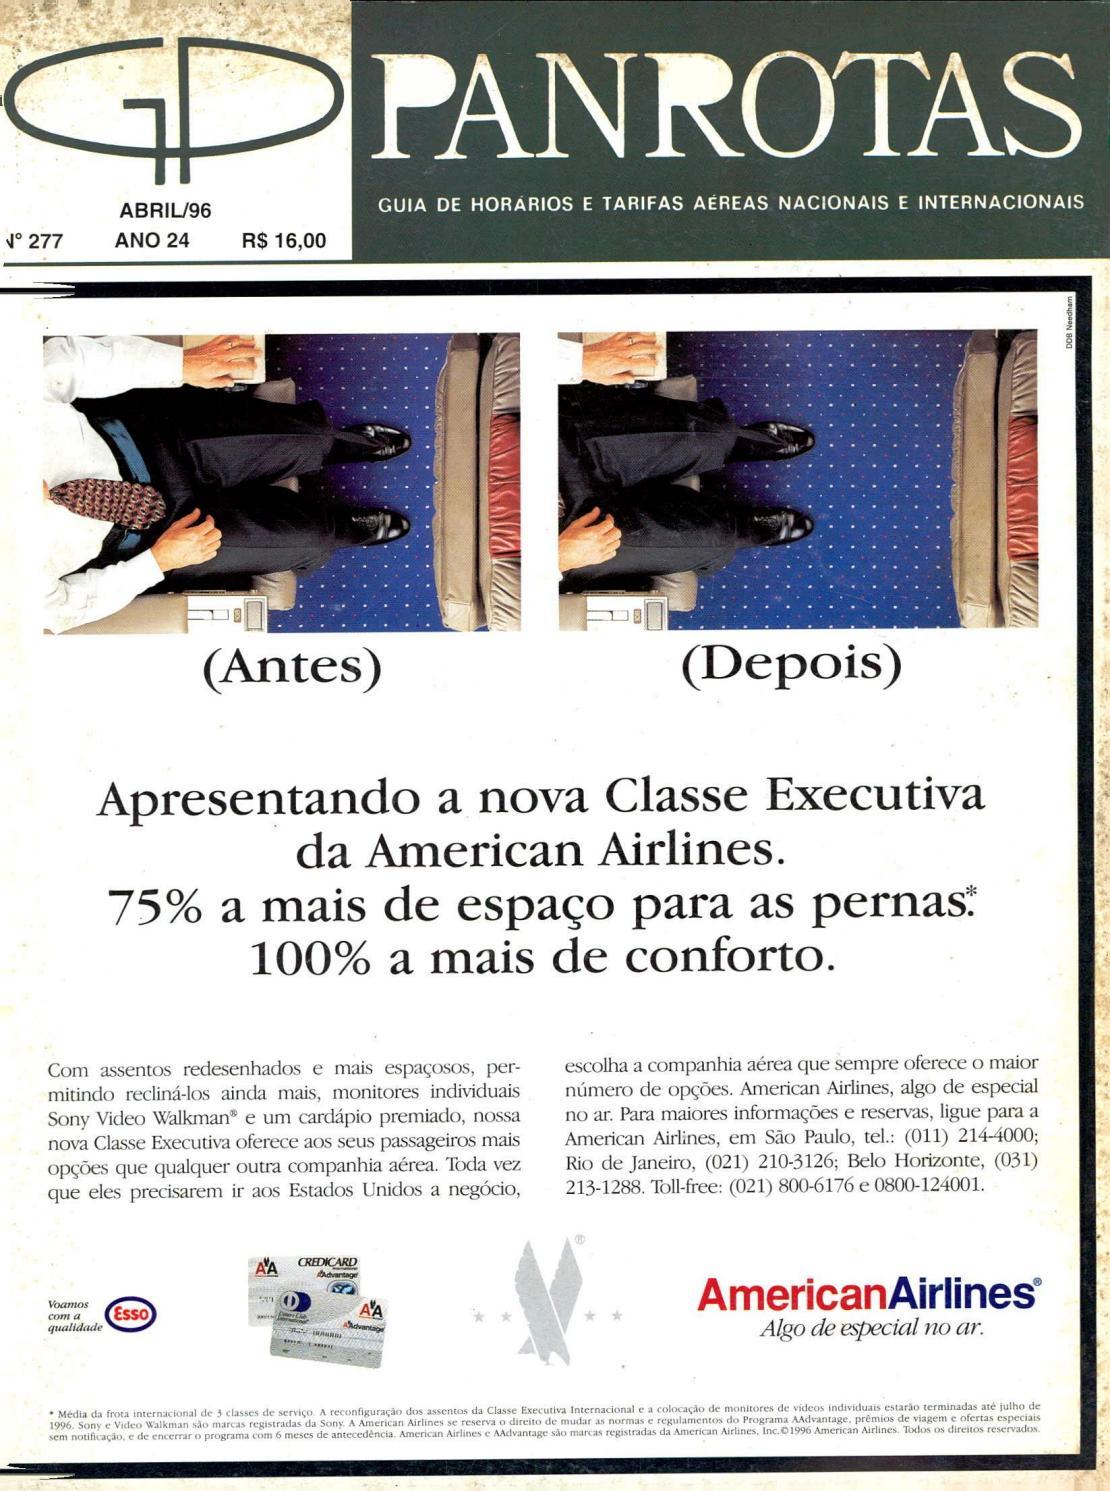 Guia PANROTAS - Edição 277 - Abril 1996 by PANROTAS Editora - issuu c5d4a0afdd6